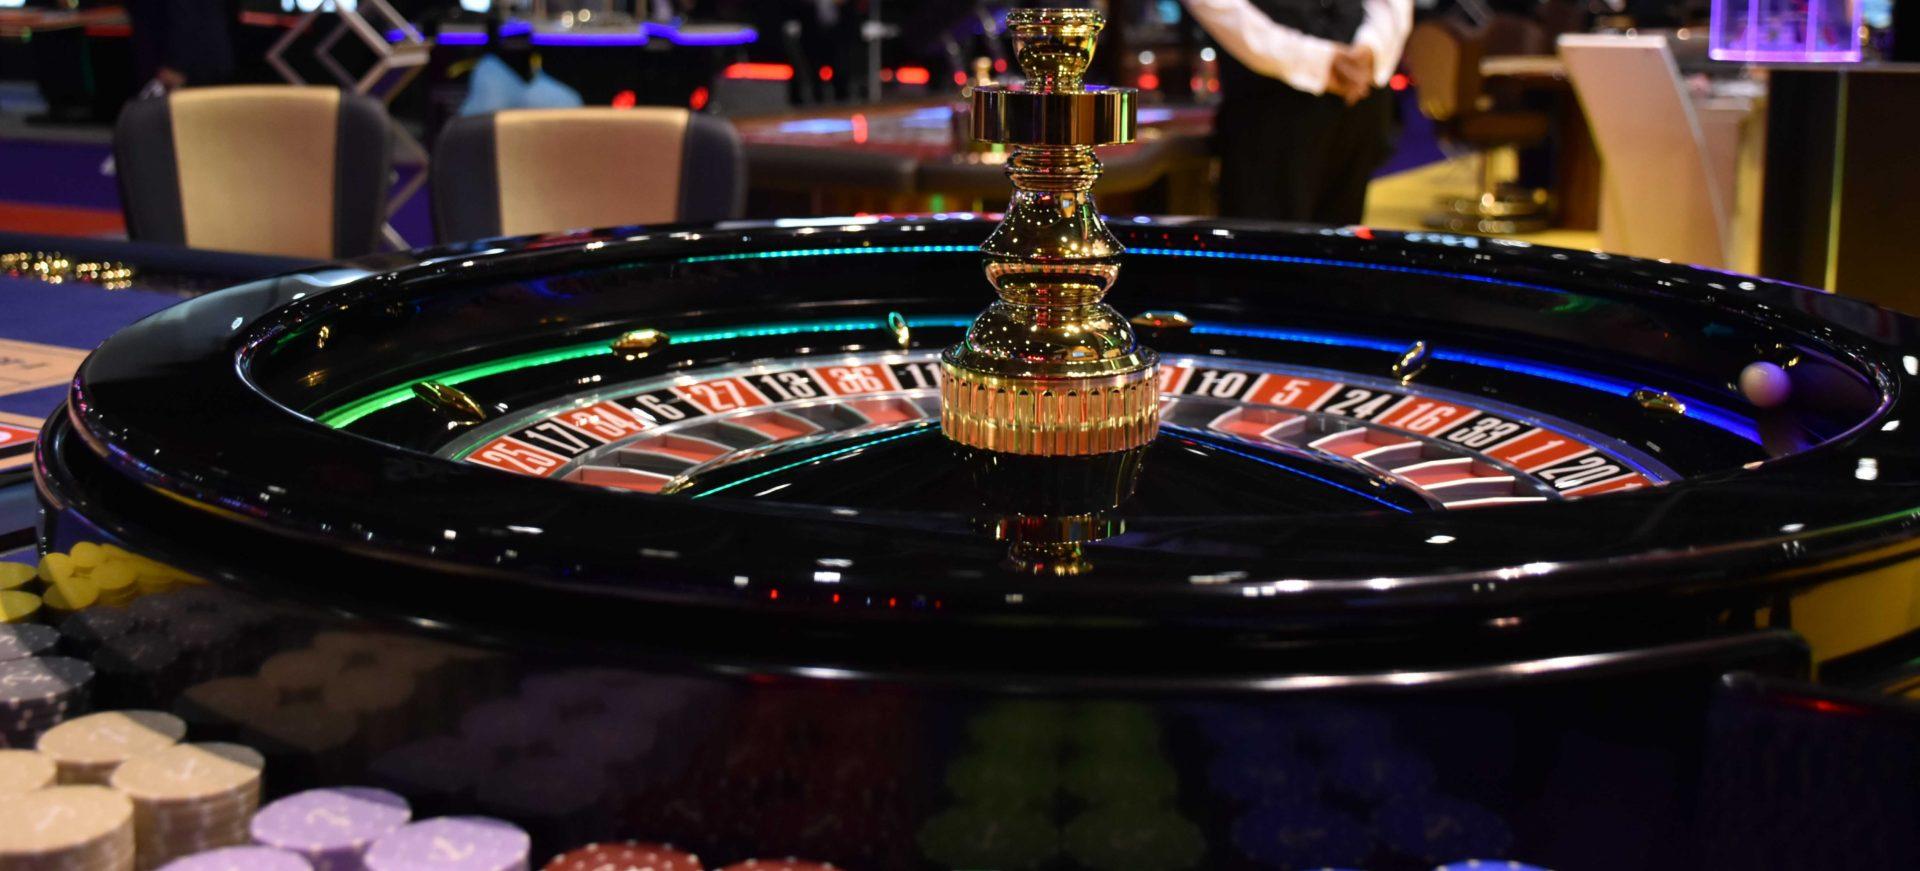 Алгоритм игры казино онлайн рулетка онлайн на деньги без депозита